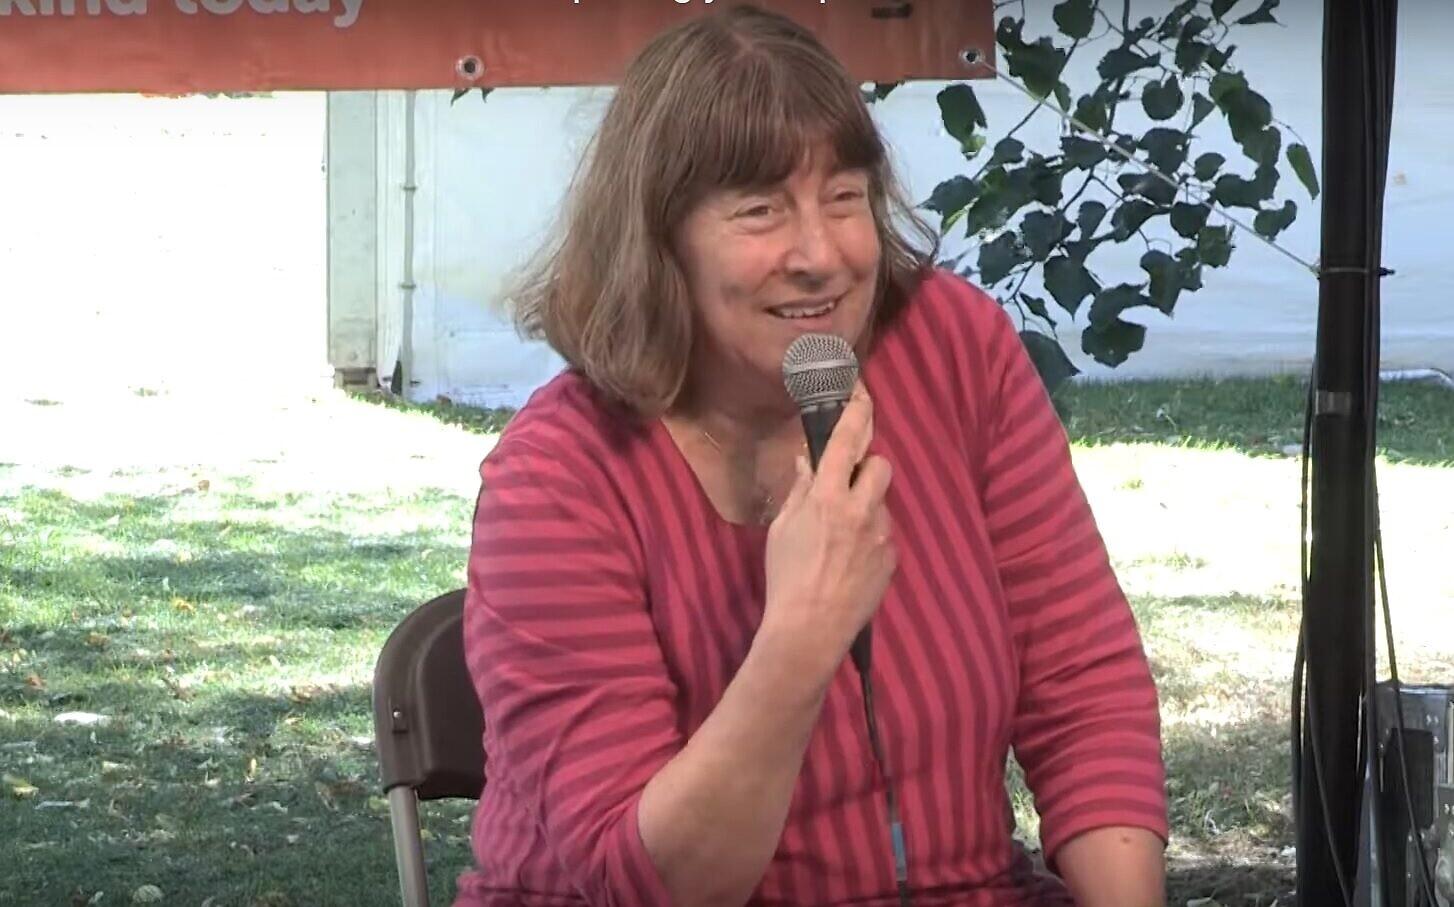 Le Dr Lindsey Taylor-Guthartz prend la parole lors du festival annuel des arts, de la foi et de la justice de Greenbelt, au Royaume-Uni, en 2016. (Crédit : YouTube)